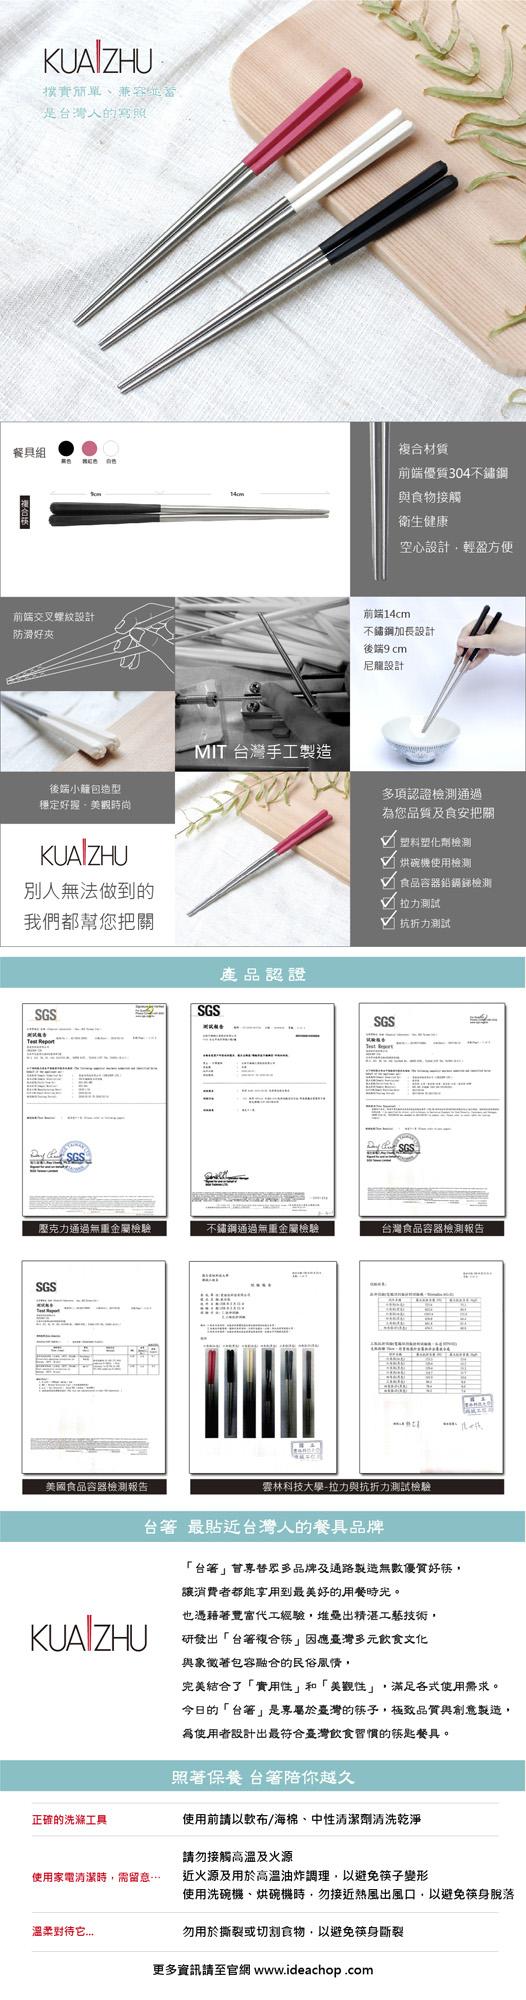 台箸 KUAI ZHU|創意六角好筷23cm 沉黑 10雙入